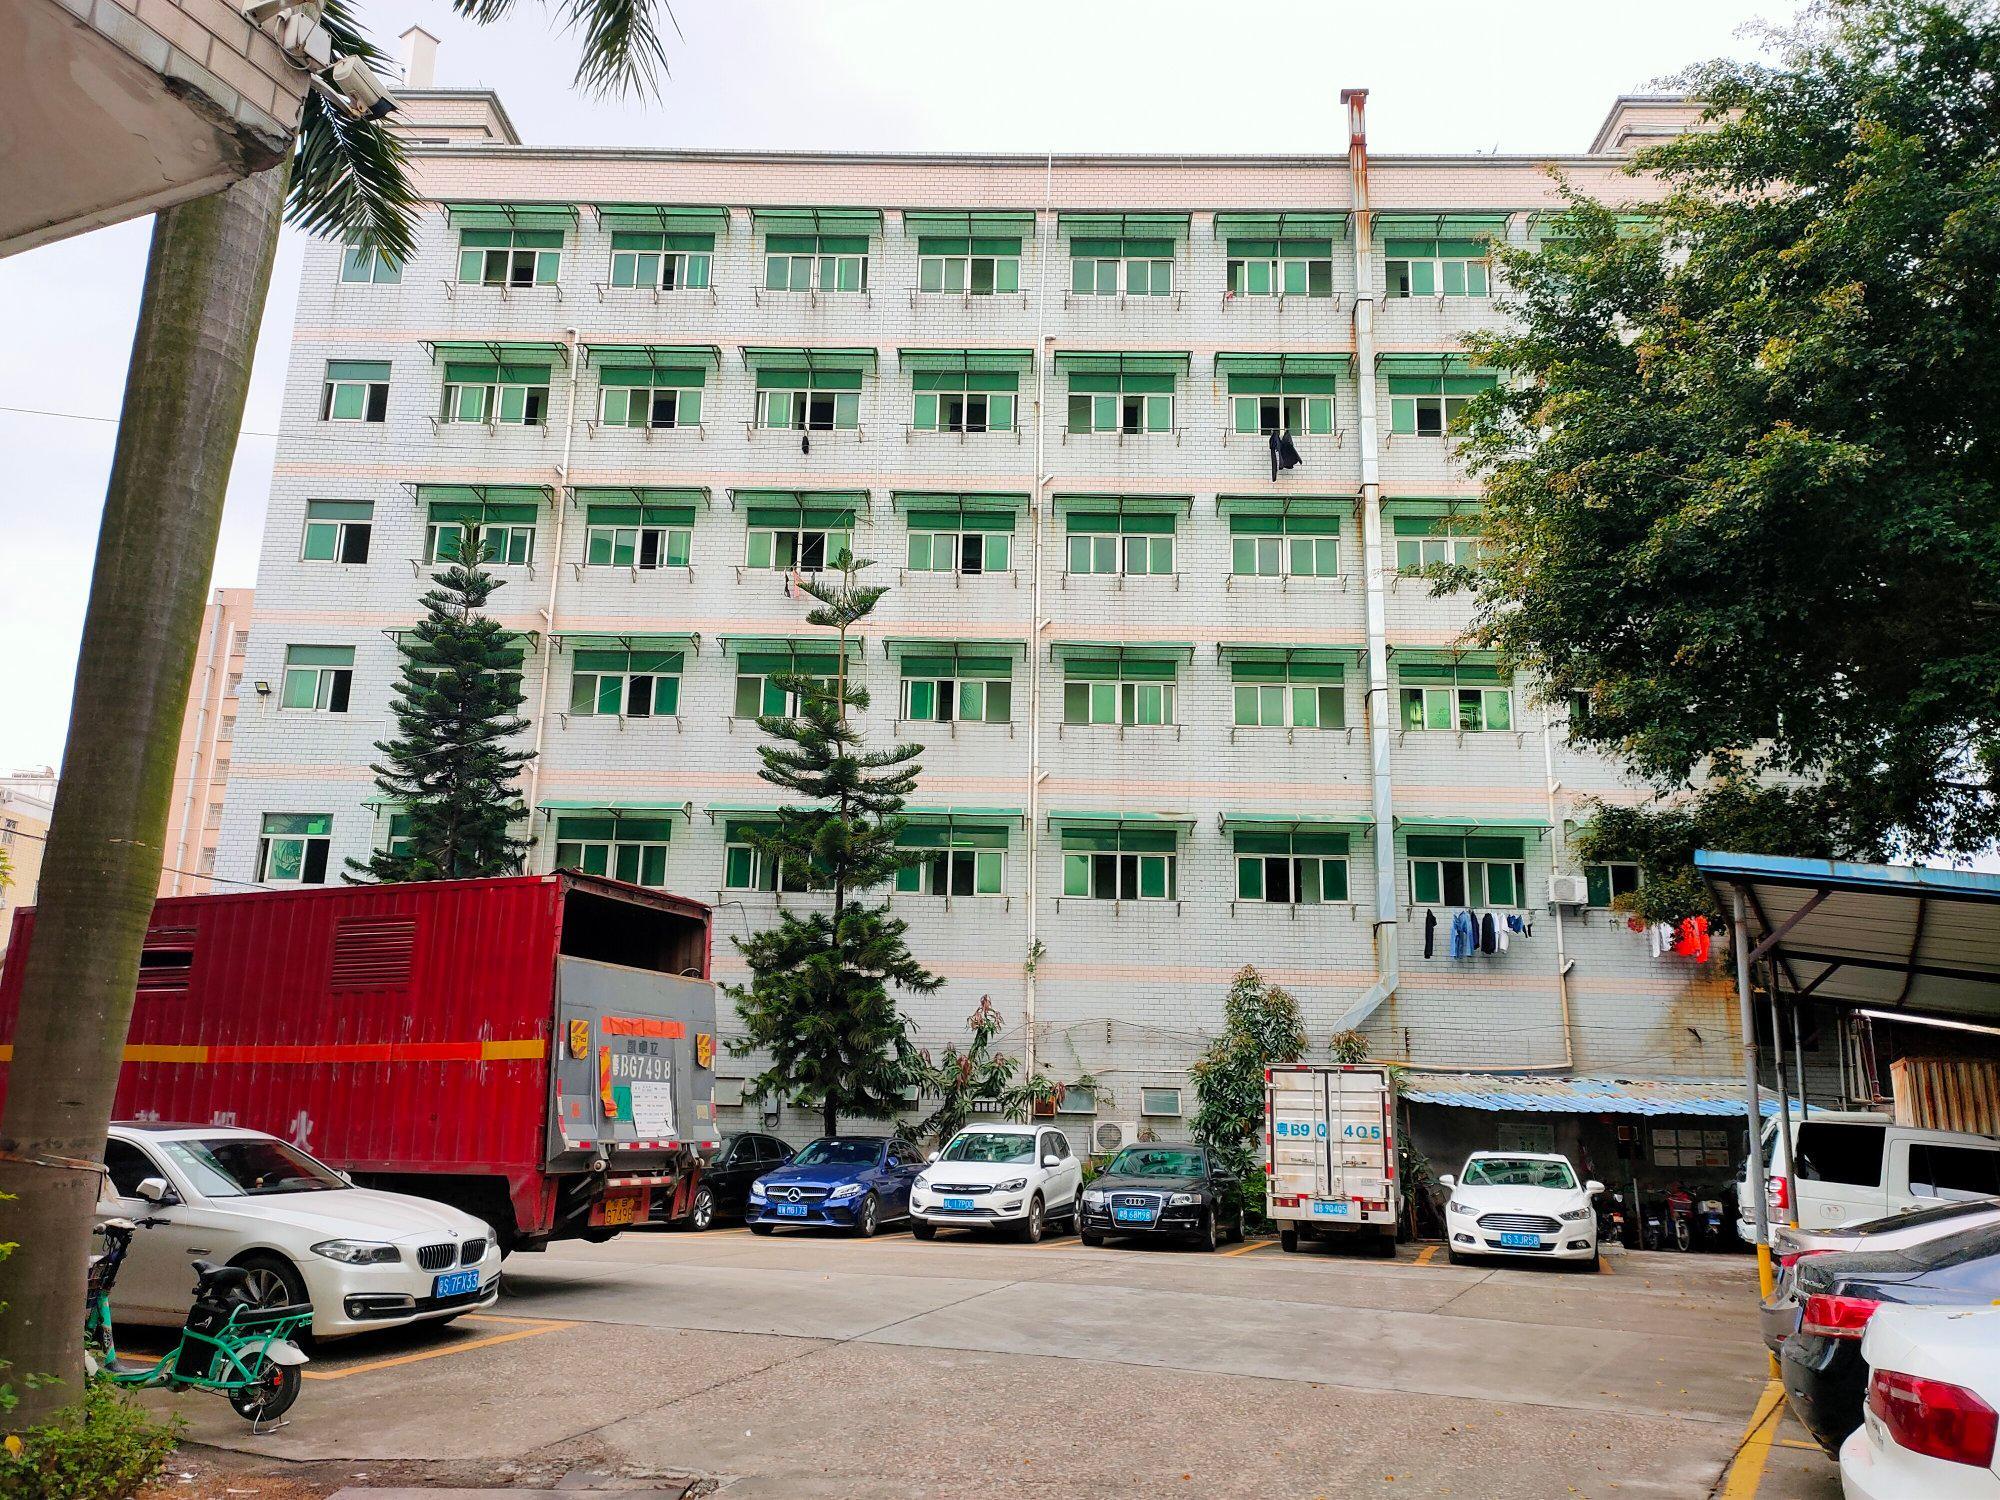 观澜马路边上章阁楼上750平带装修宿舍按需